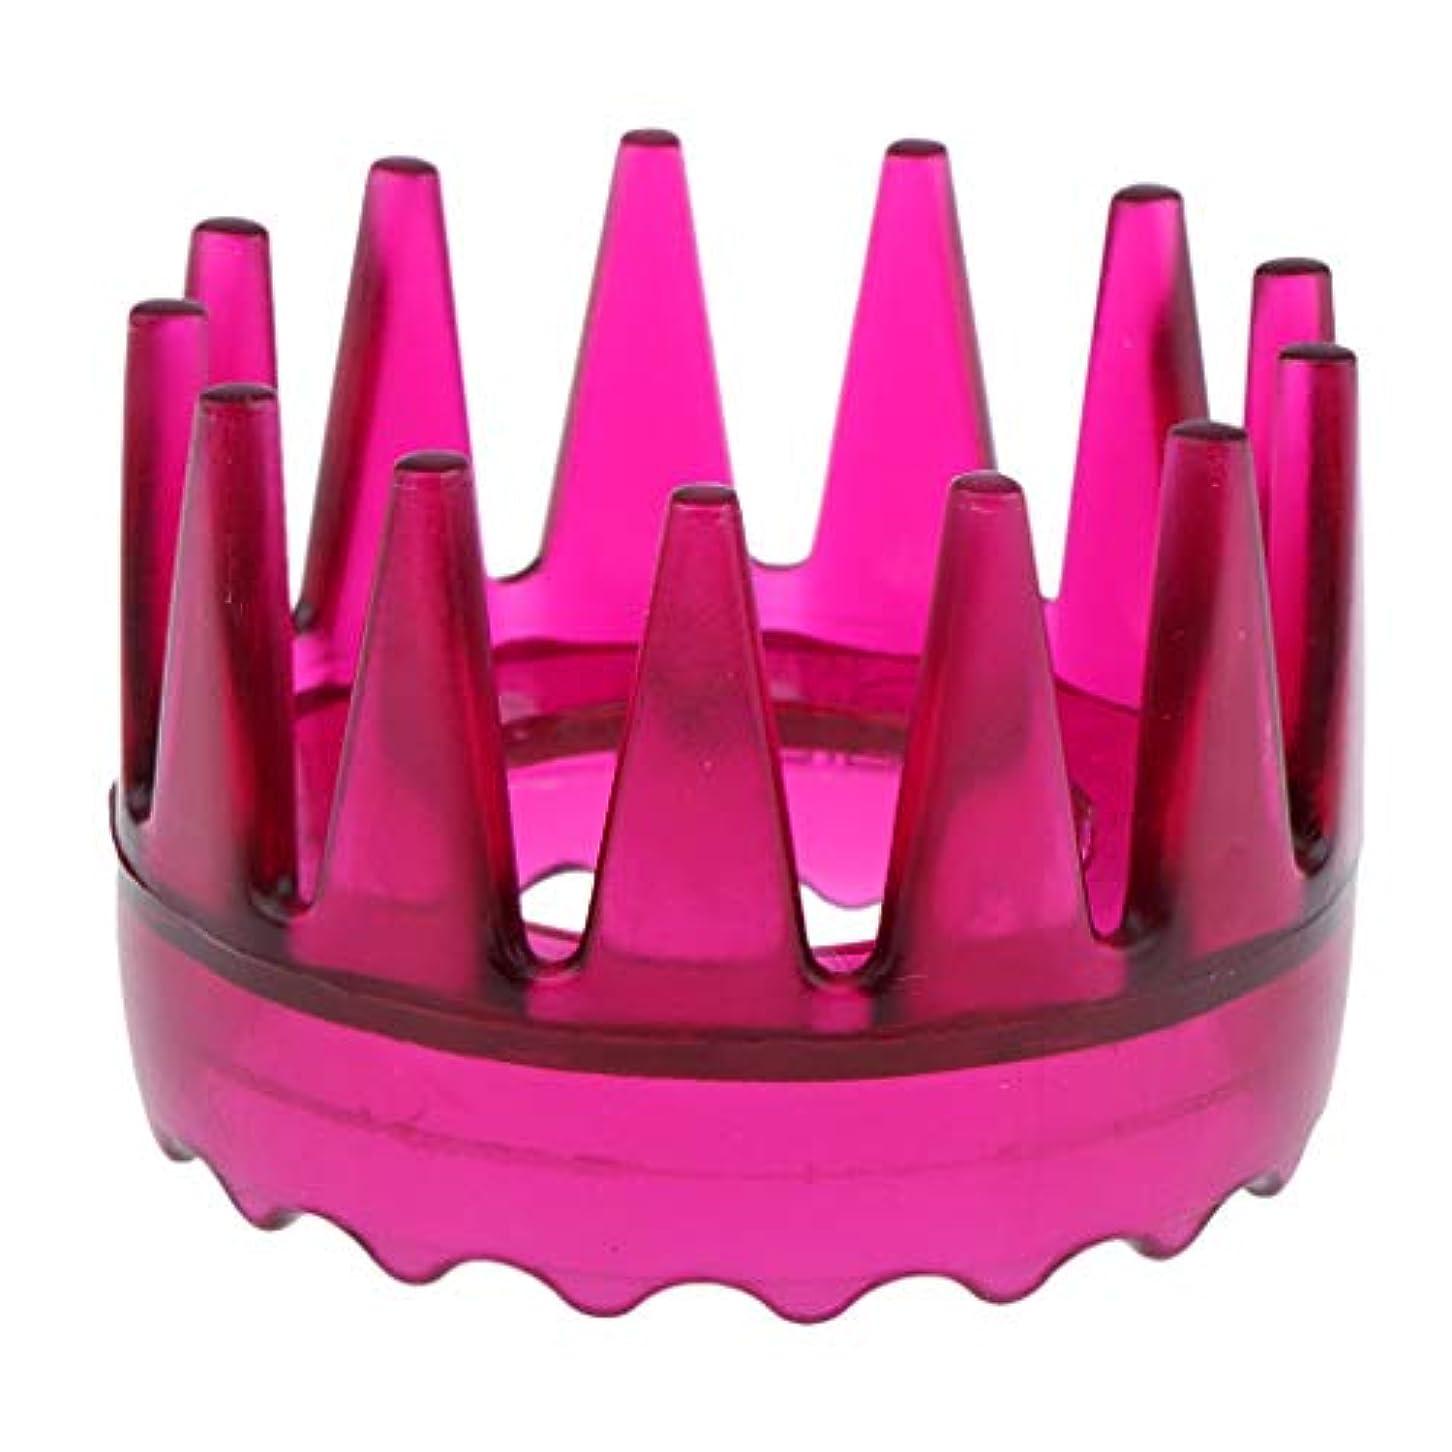 Sharplace 頭皮マッサージ 櫛 シャワー シャンプー ヘアブラシ 4色選べ - ローズレッド